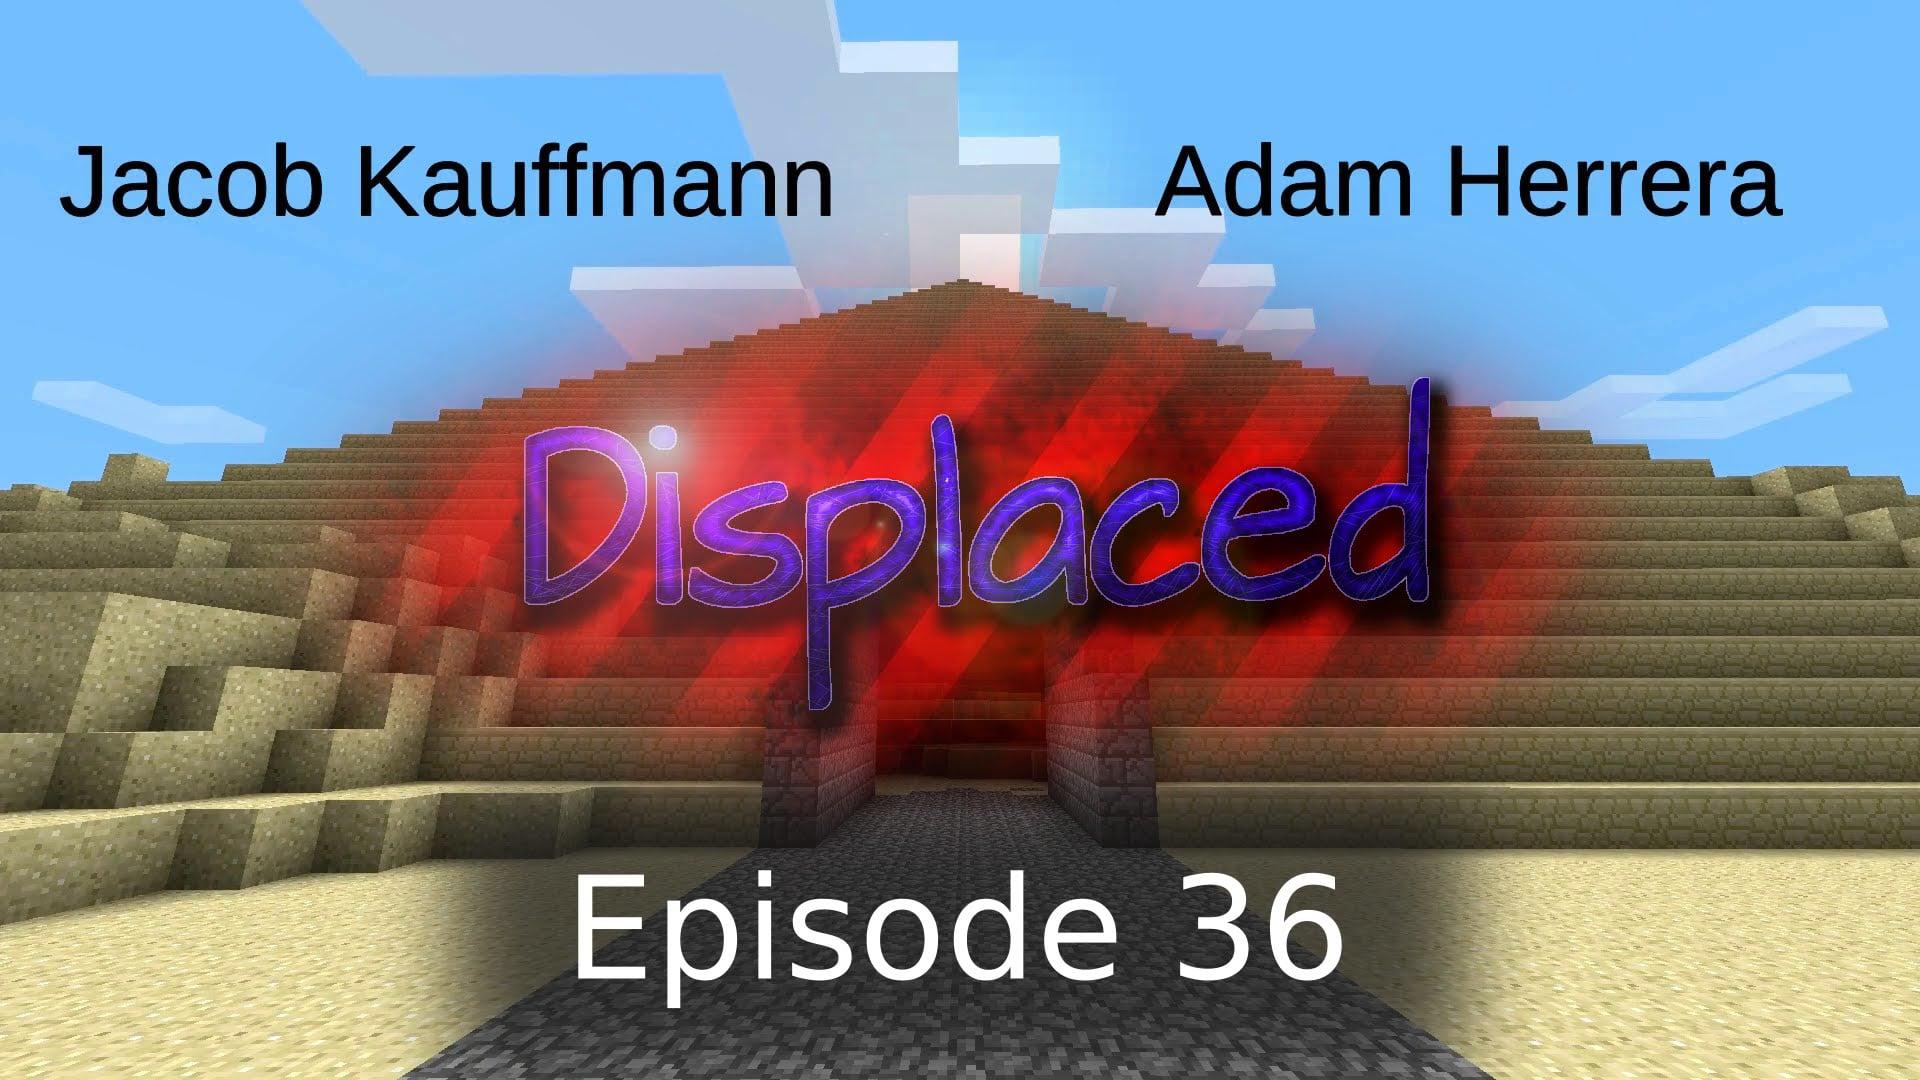 Episode 36 - Displaced